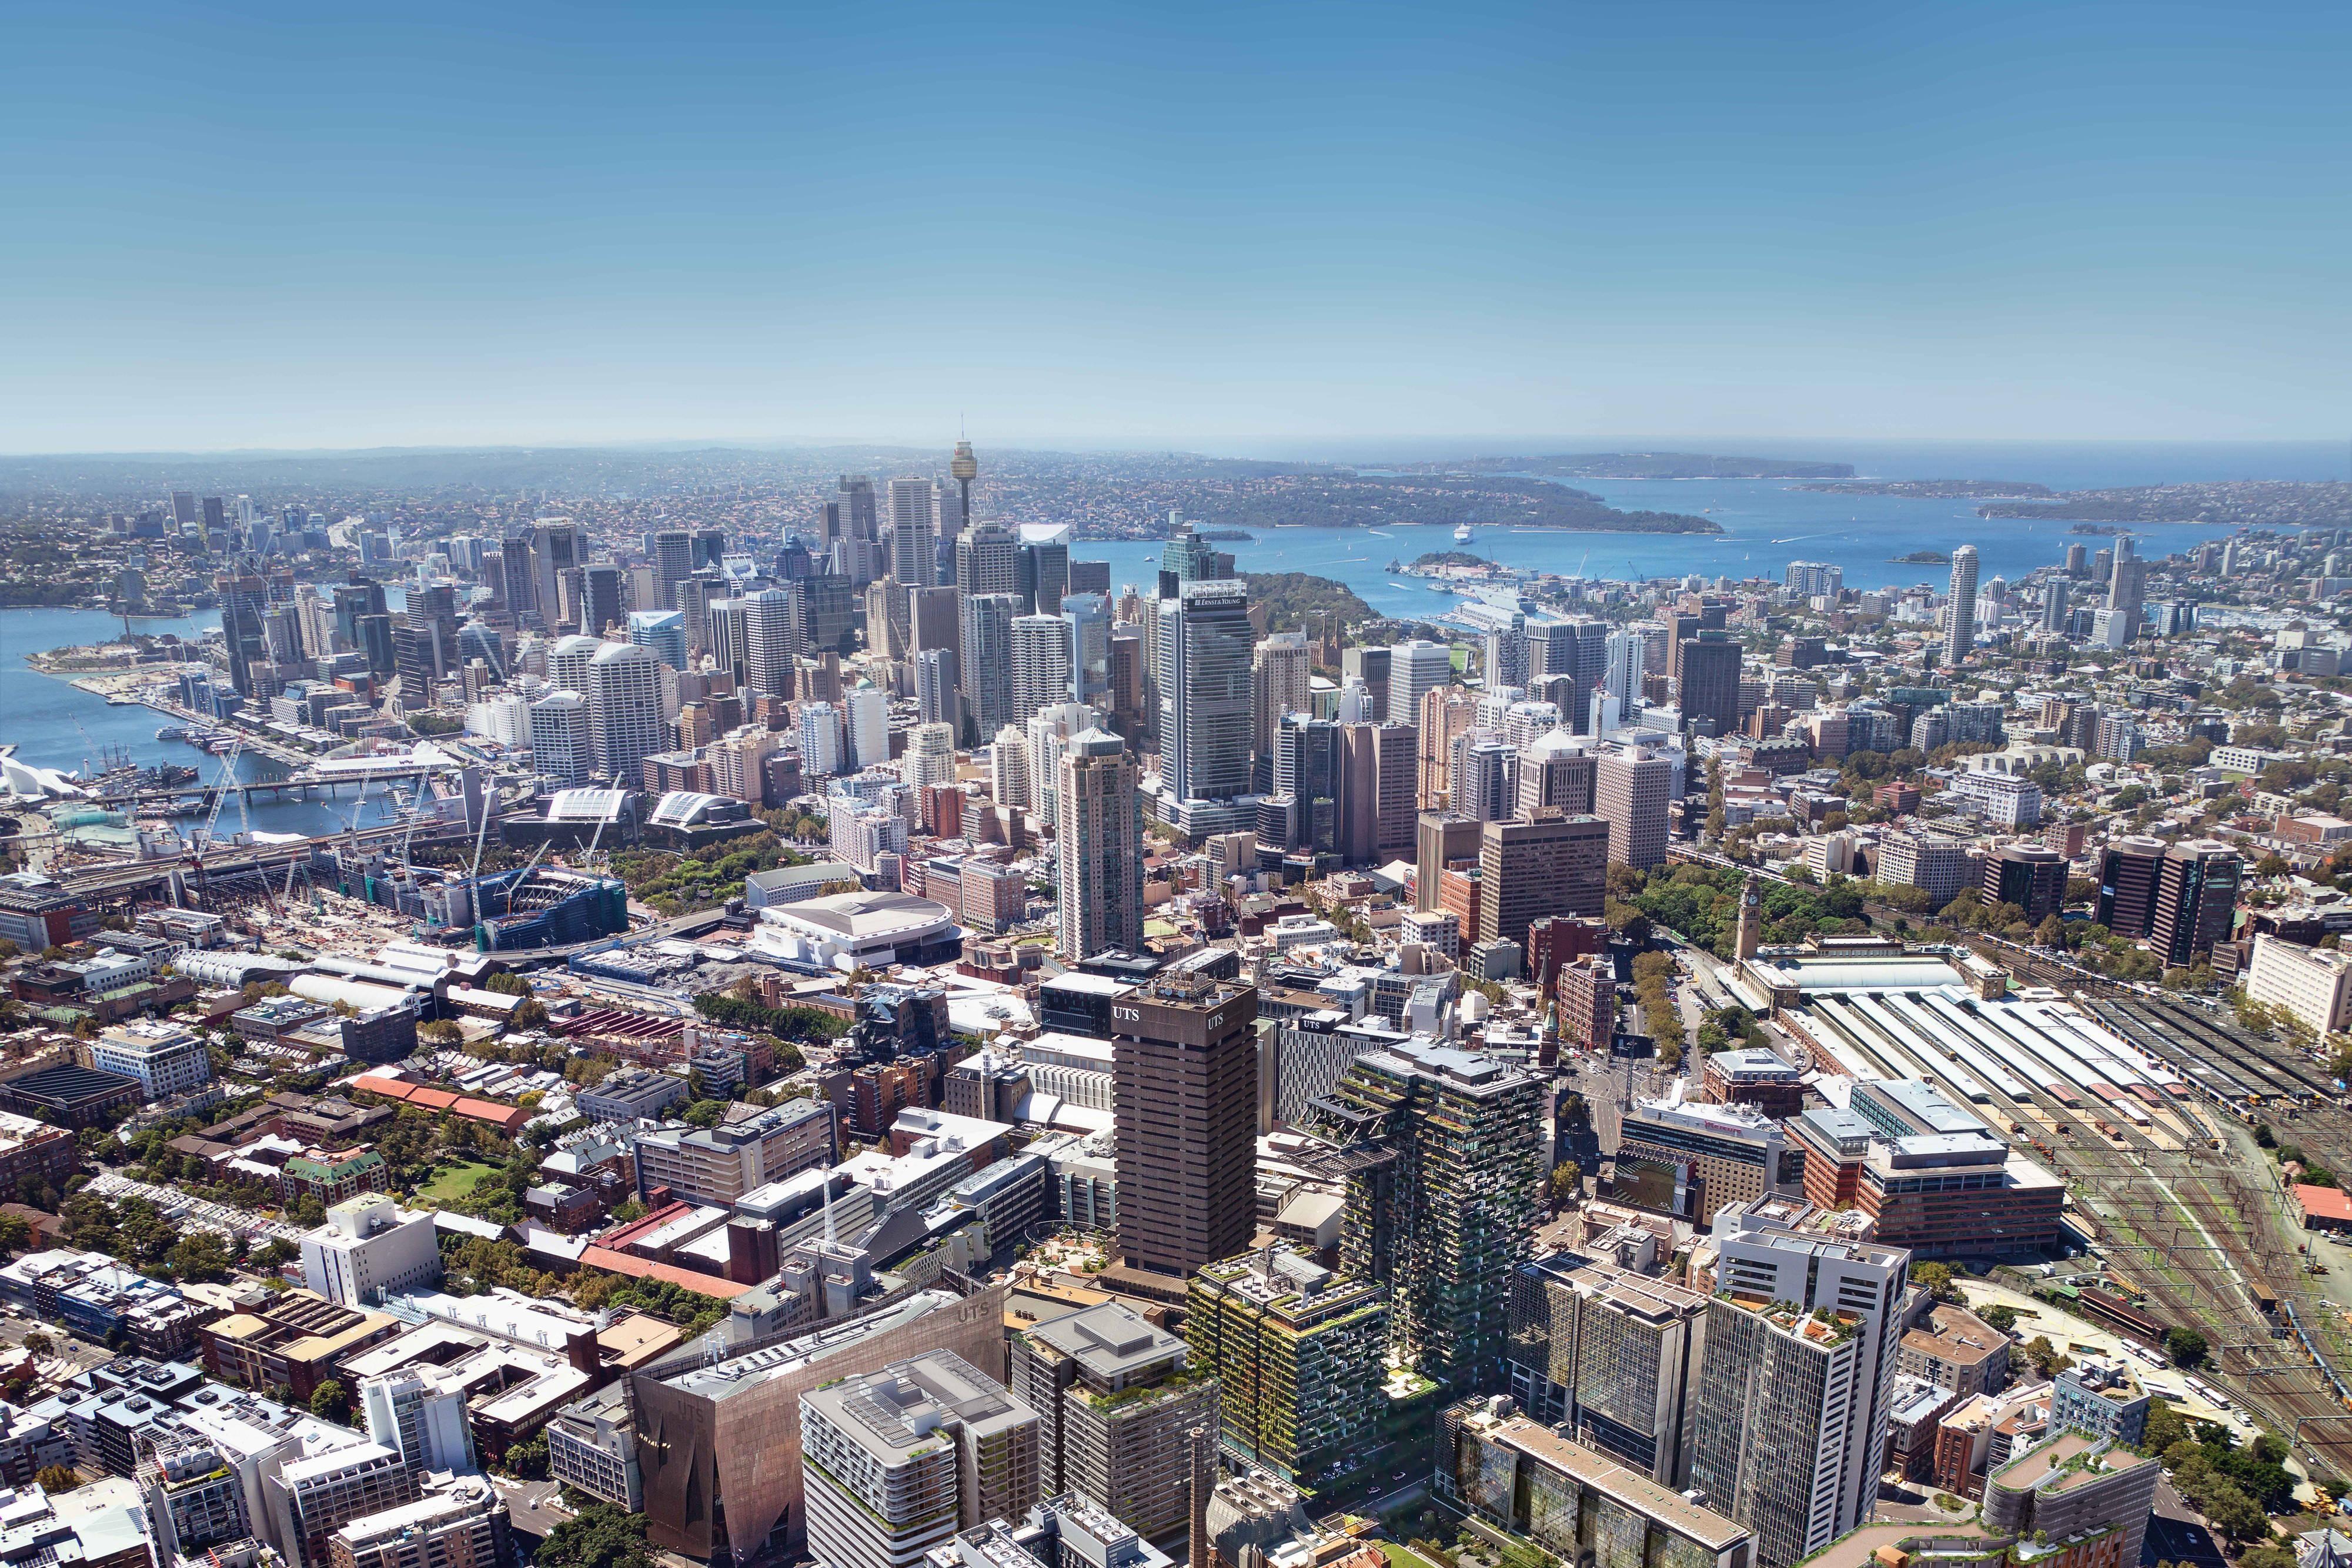 Aerial View Rendering